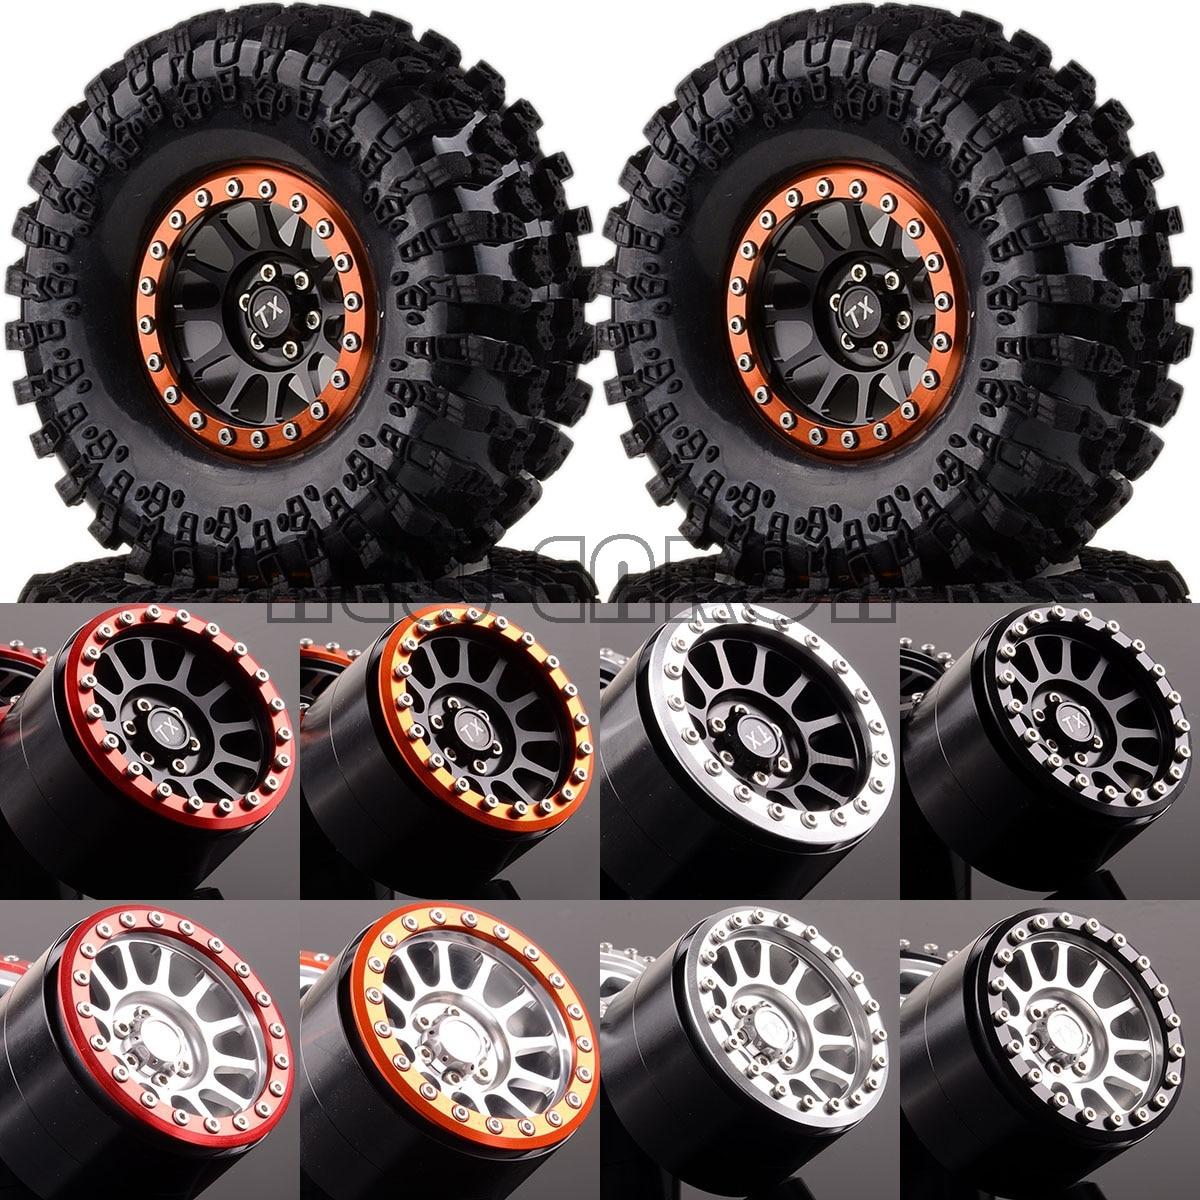 Nouveau ENRON 1:10 SET aluminium 2.2 roues et pneus Beadlock 2022-3021 pour RC 1/10 roche chenilleNouveau ENRON 1:10 SET aluminium 2.2 roues et pneus Beadlock 2022-3021 pour RC 1/10 roche chenille